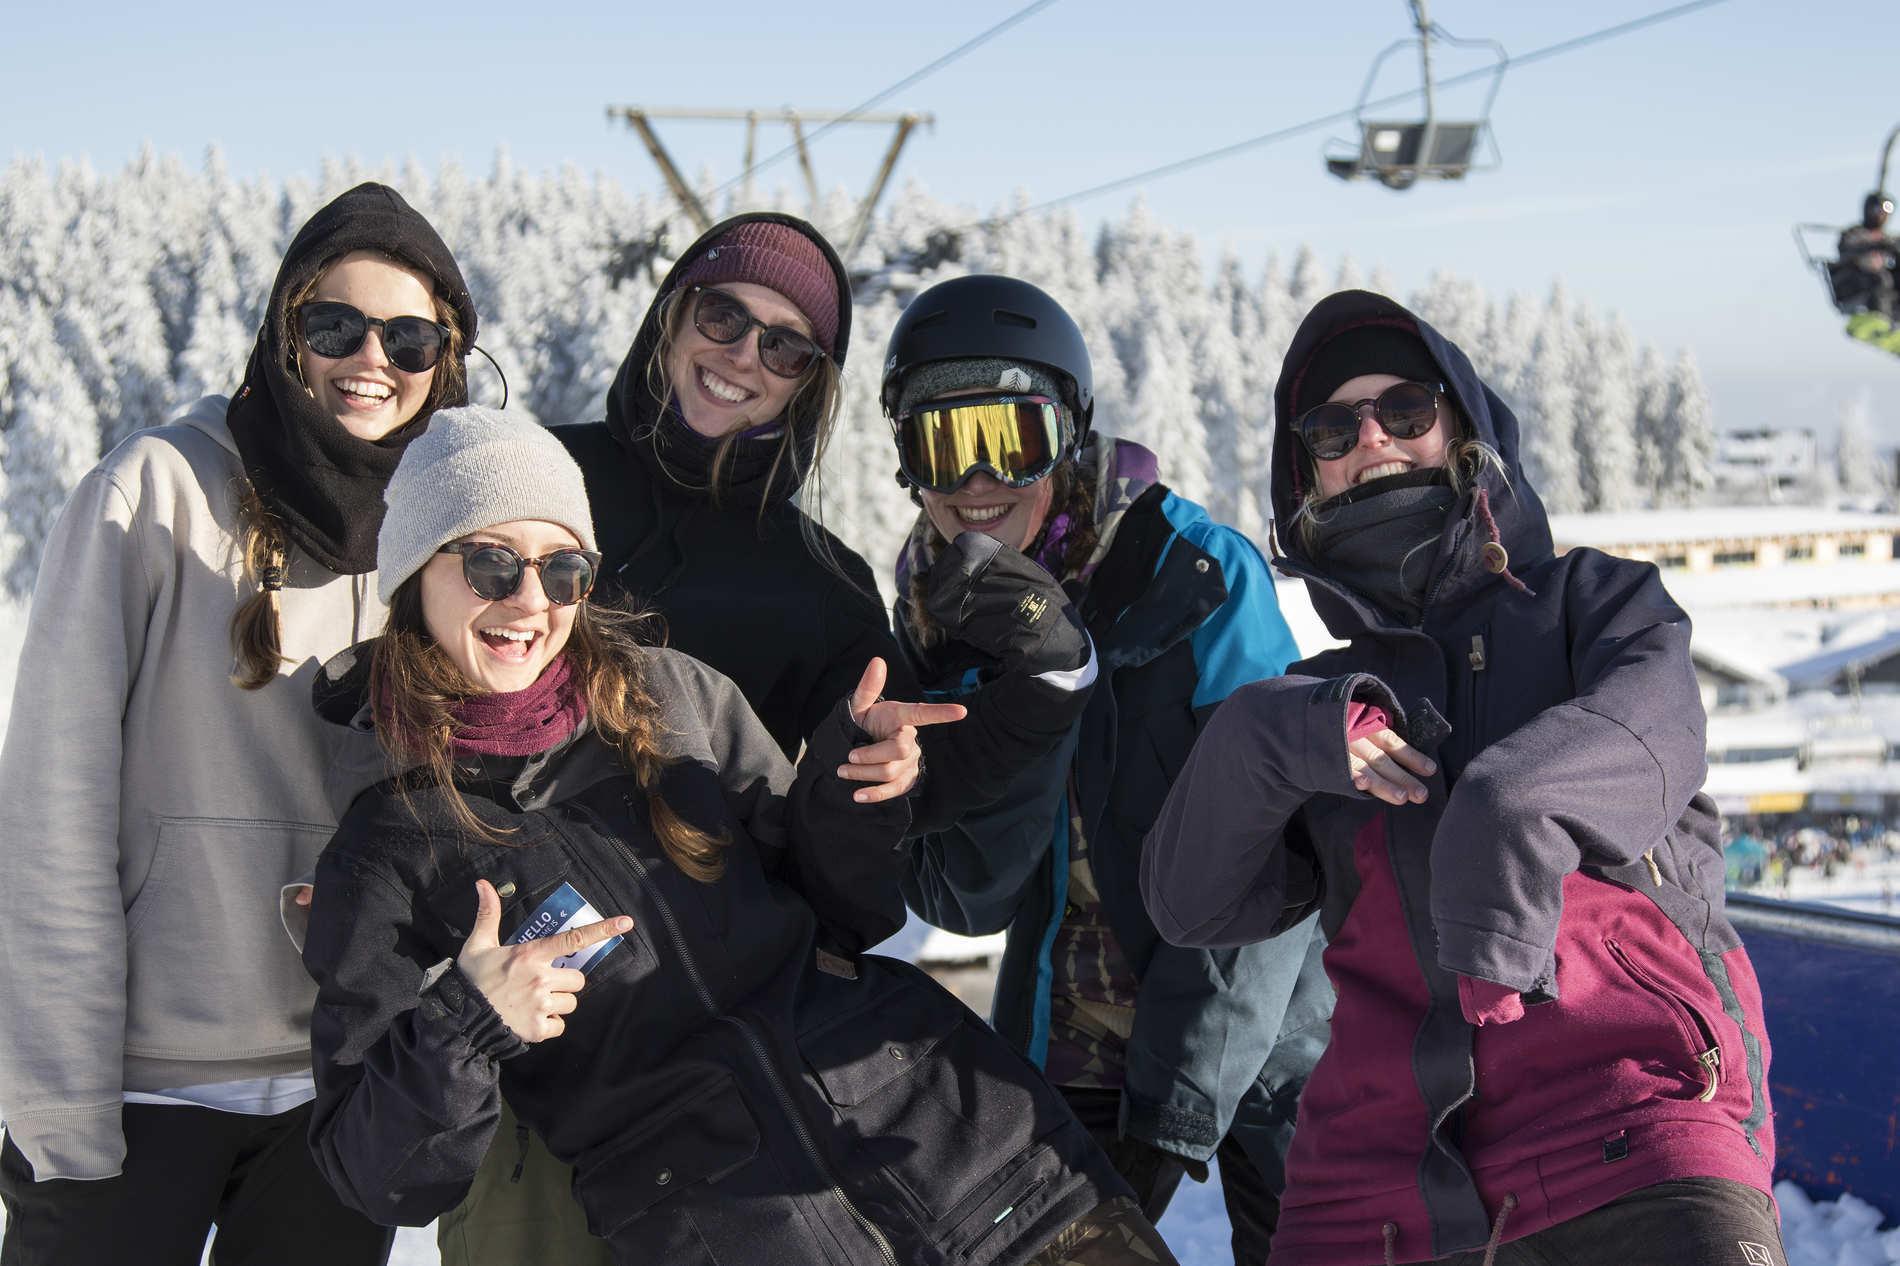 snowpark feldberg 24 02 2018 lifestyle fs sb martin herrmann qparks 1